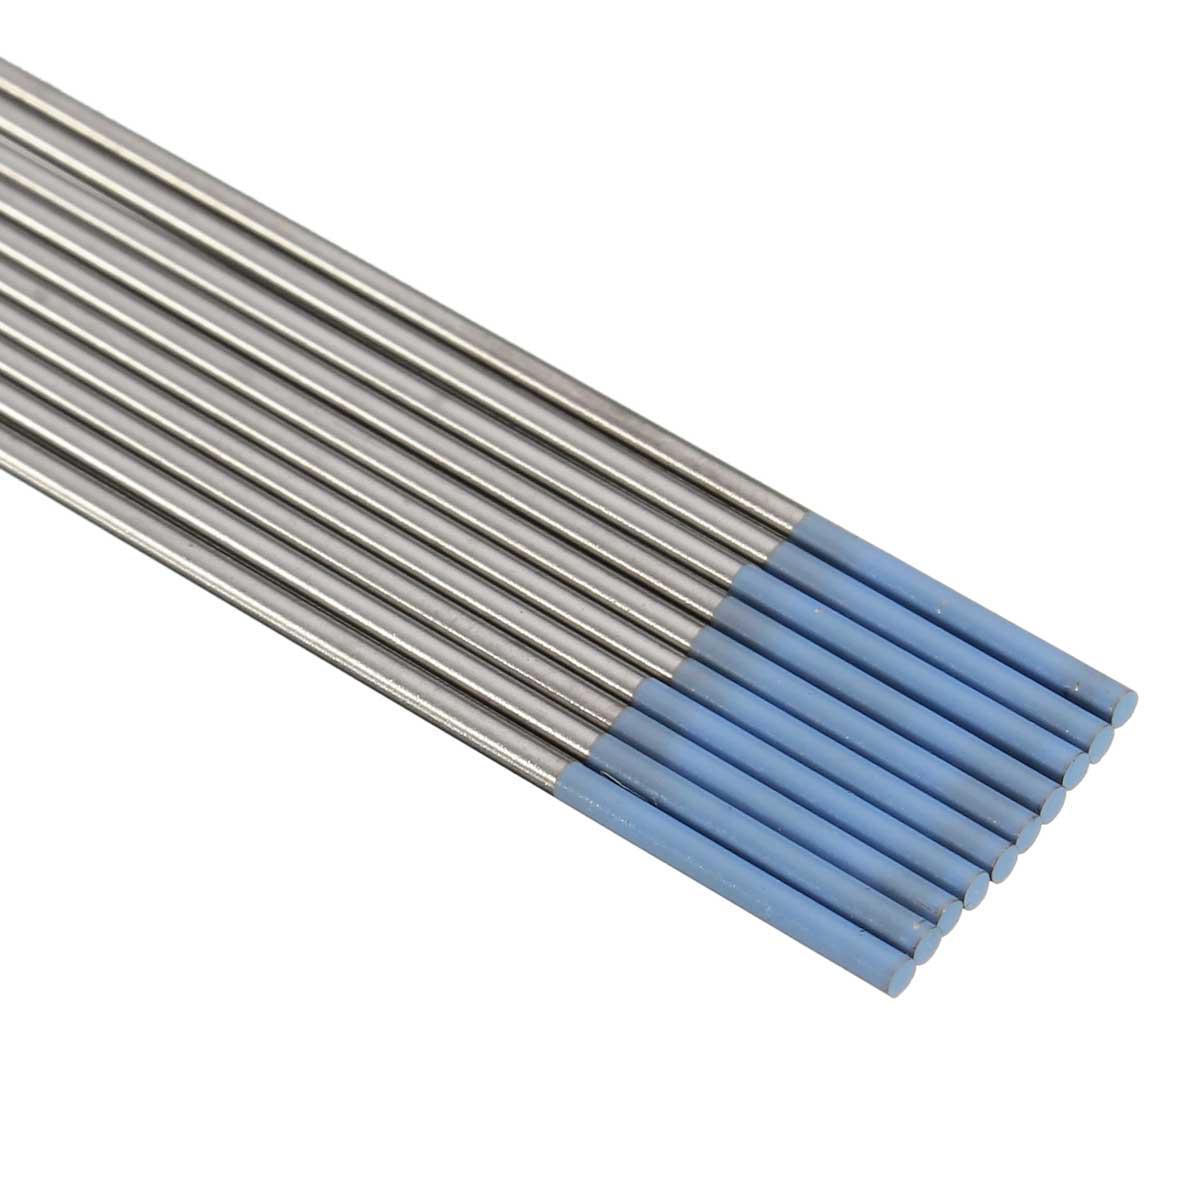 Электрод вольфрамовый WC-20 D2,4x175 (ELKRAFT), шт